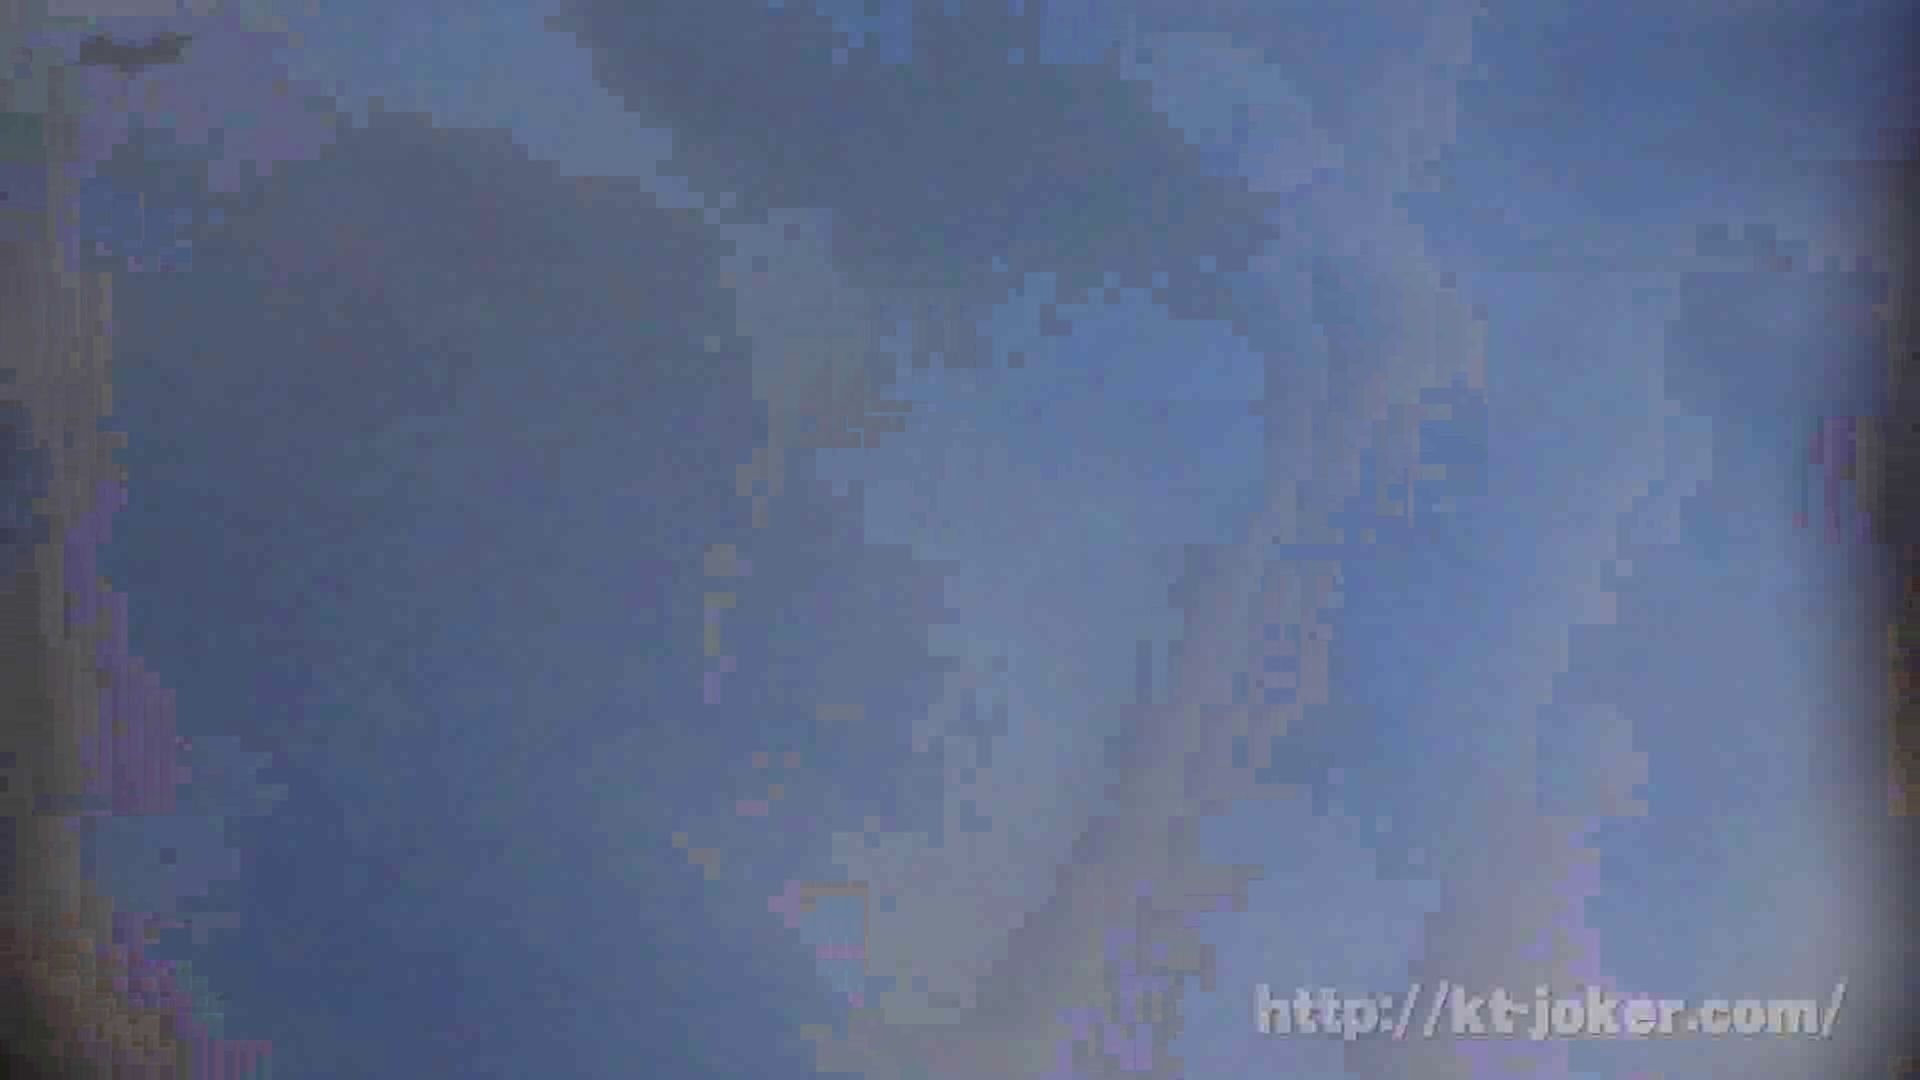 命がけ潜伏洗面所! vol.72 貴重すぎ、二子登場!! OLの実態 盗み撮りAV無料動画キャプチャ 79pic 59